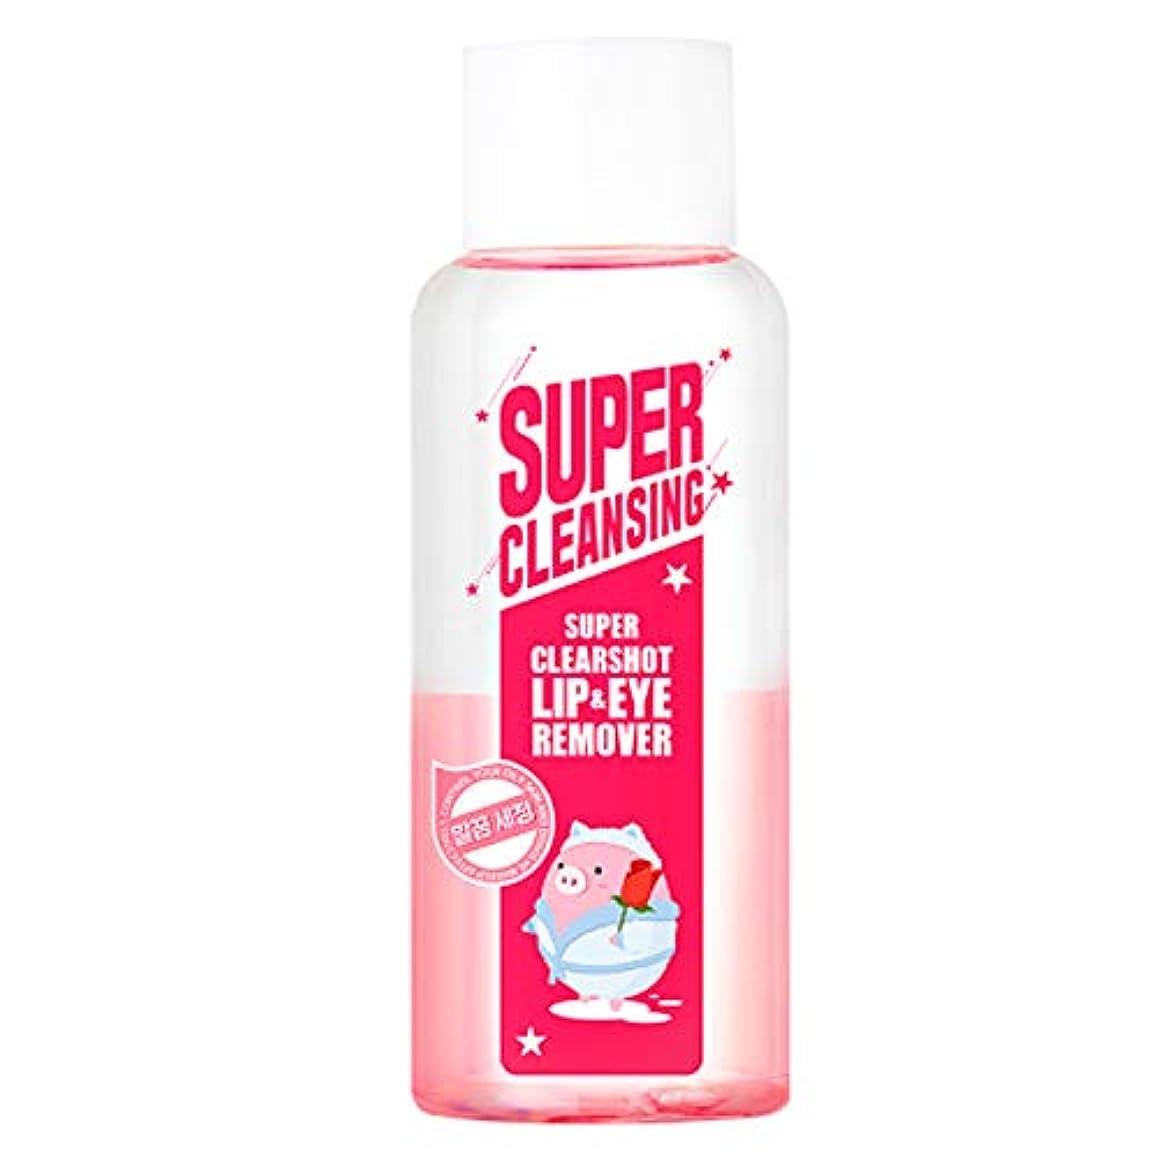 チーム部分的時刻表Mefactory Super Clearshot Lip&Eye Remover ミファクトリ? スーパークリアーリップ&アイリムーバー [並行輸入品]